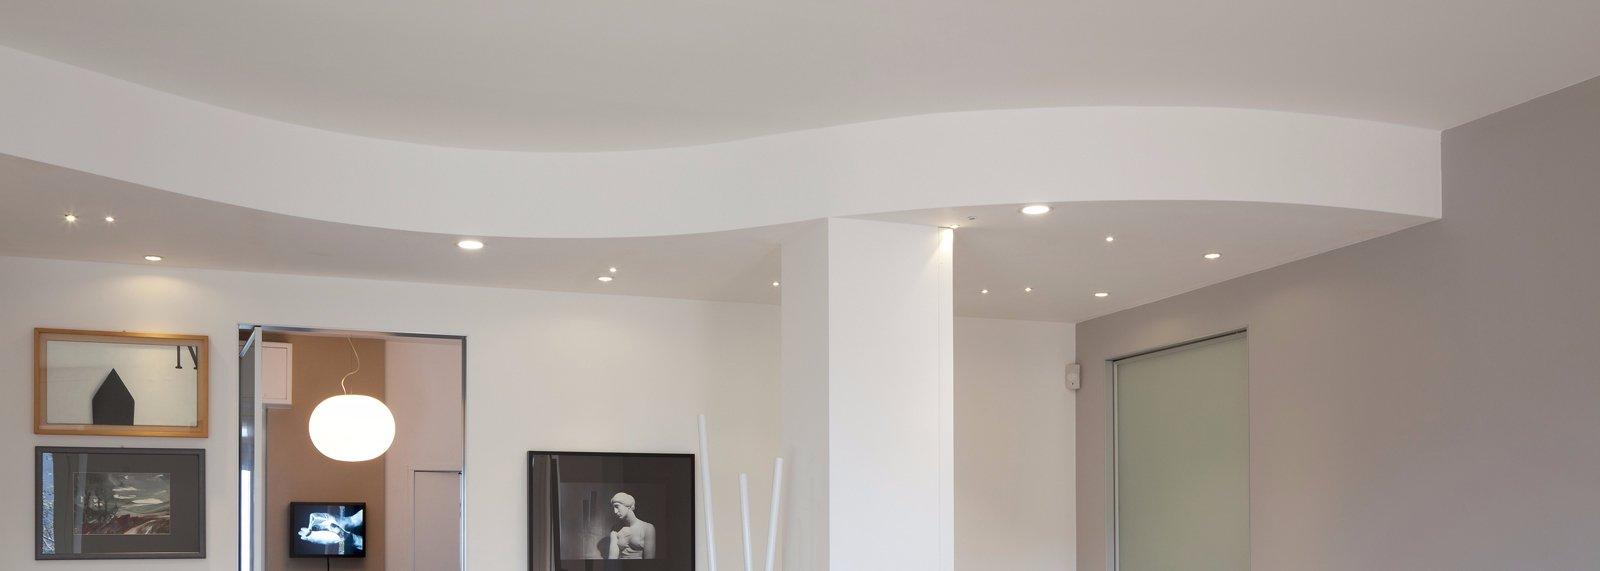 Soffitto Cartongesso Con Faretti ~ Tutto su ispirazione design casa